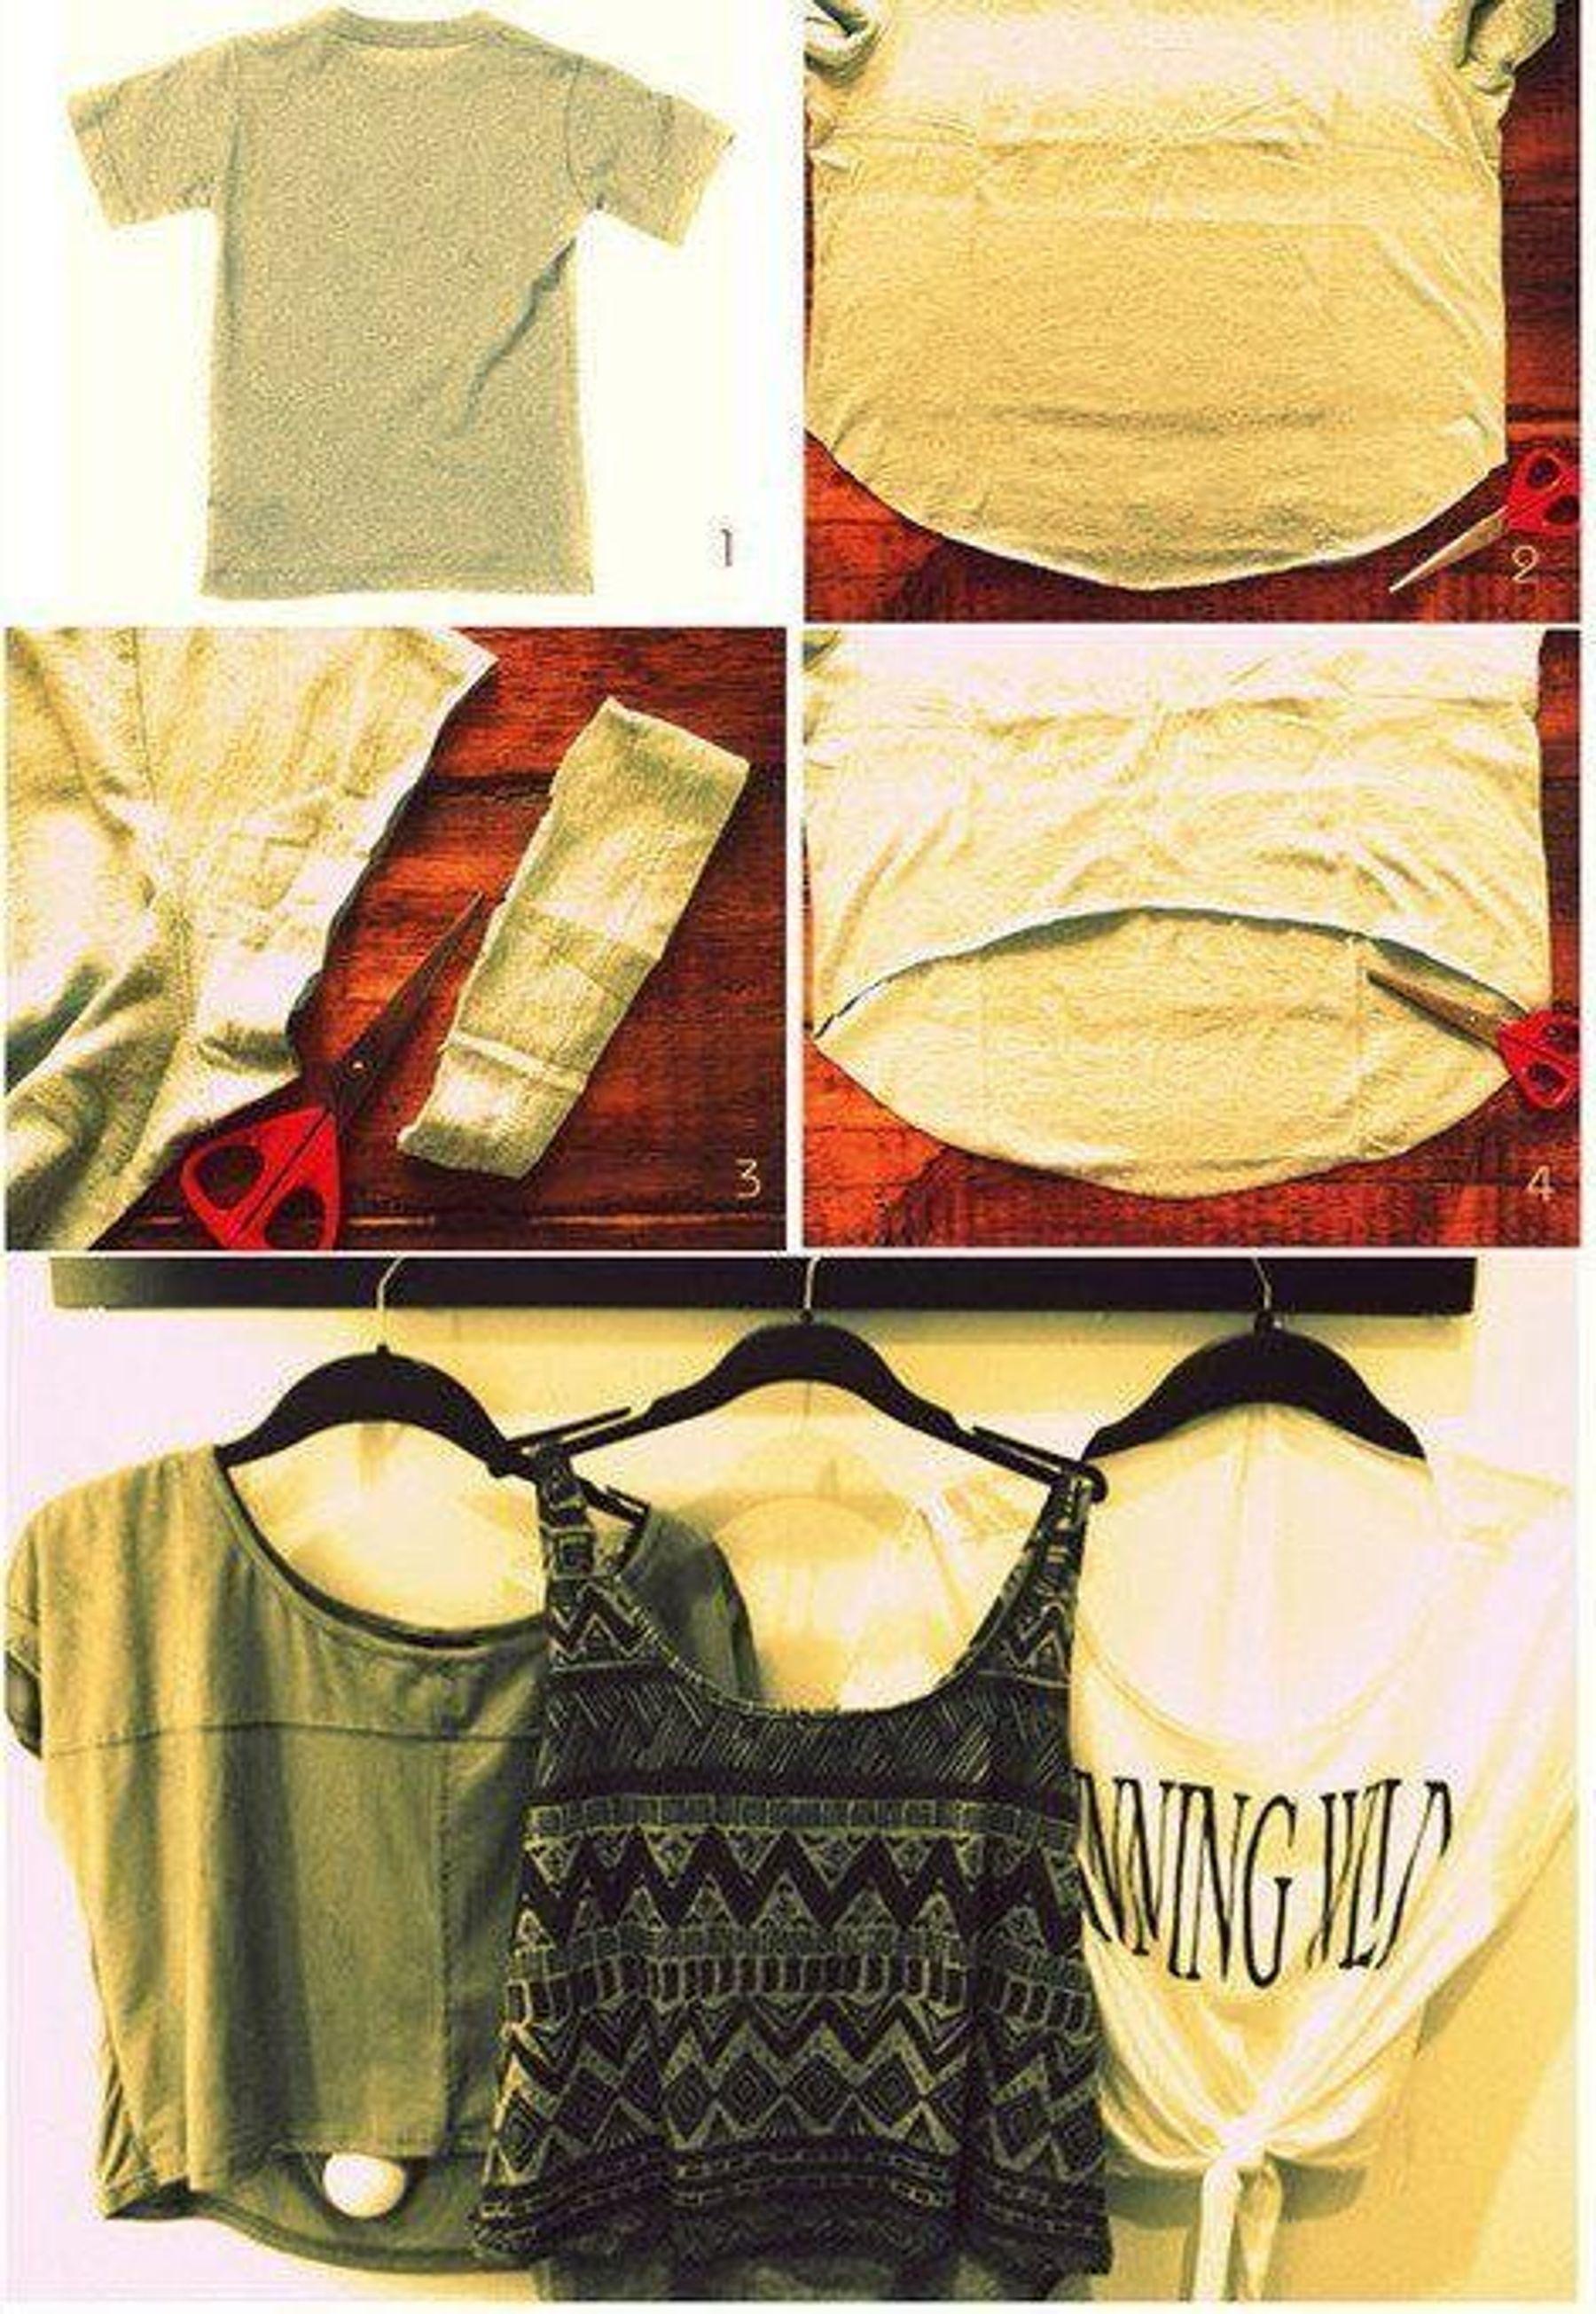 Tái chế áo thun cũ thành áo croptop